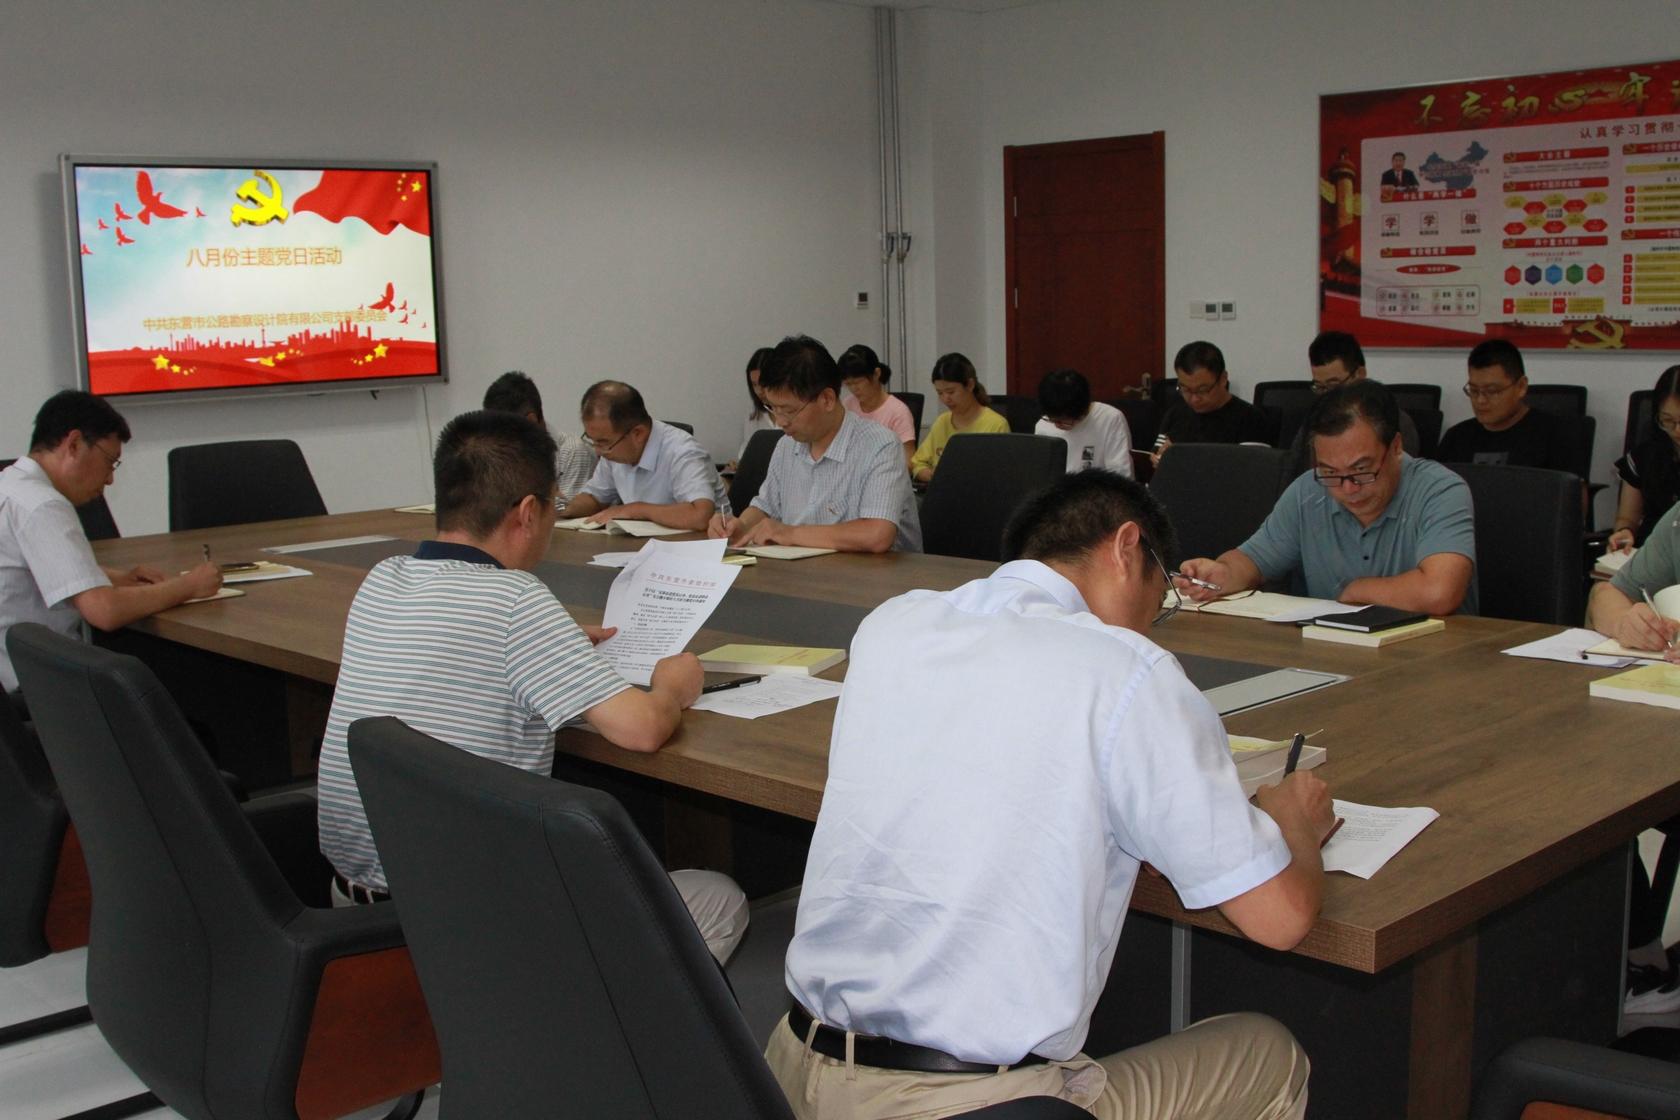 集团公司所属设计院党支部组织党员学习暨开展八月份主题党日活动